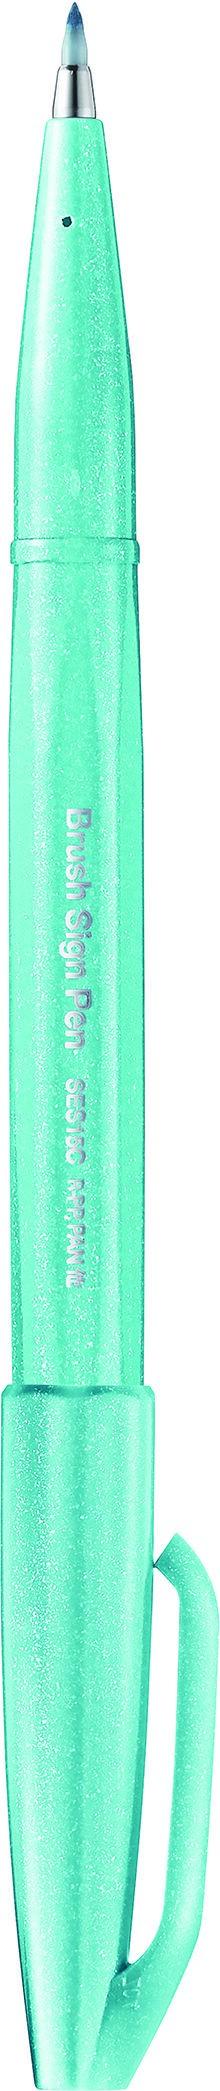 Pentel Sign pen - Feutre pinceau à pointe souple - bleu pastel